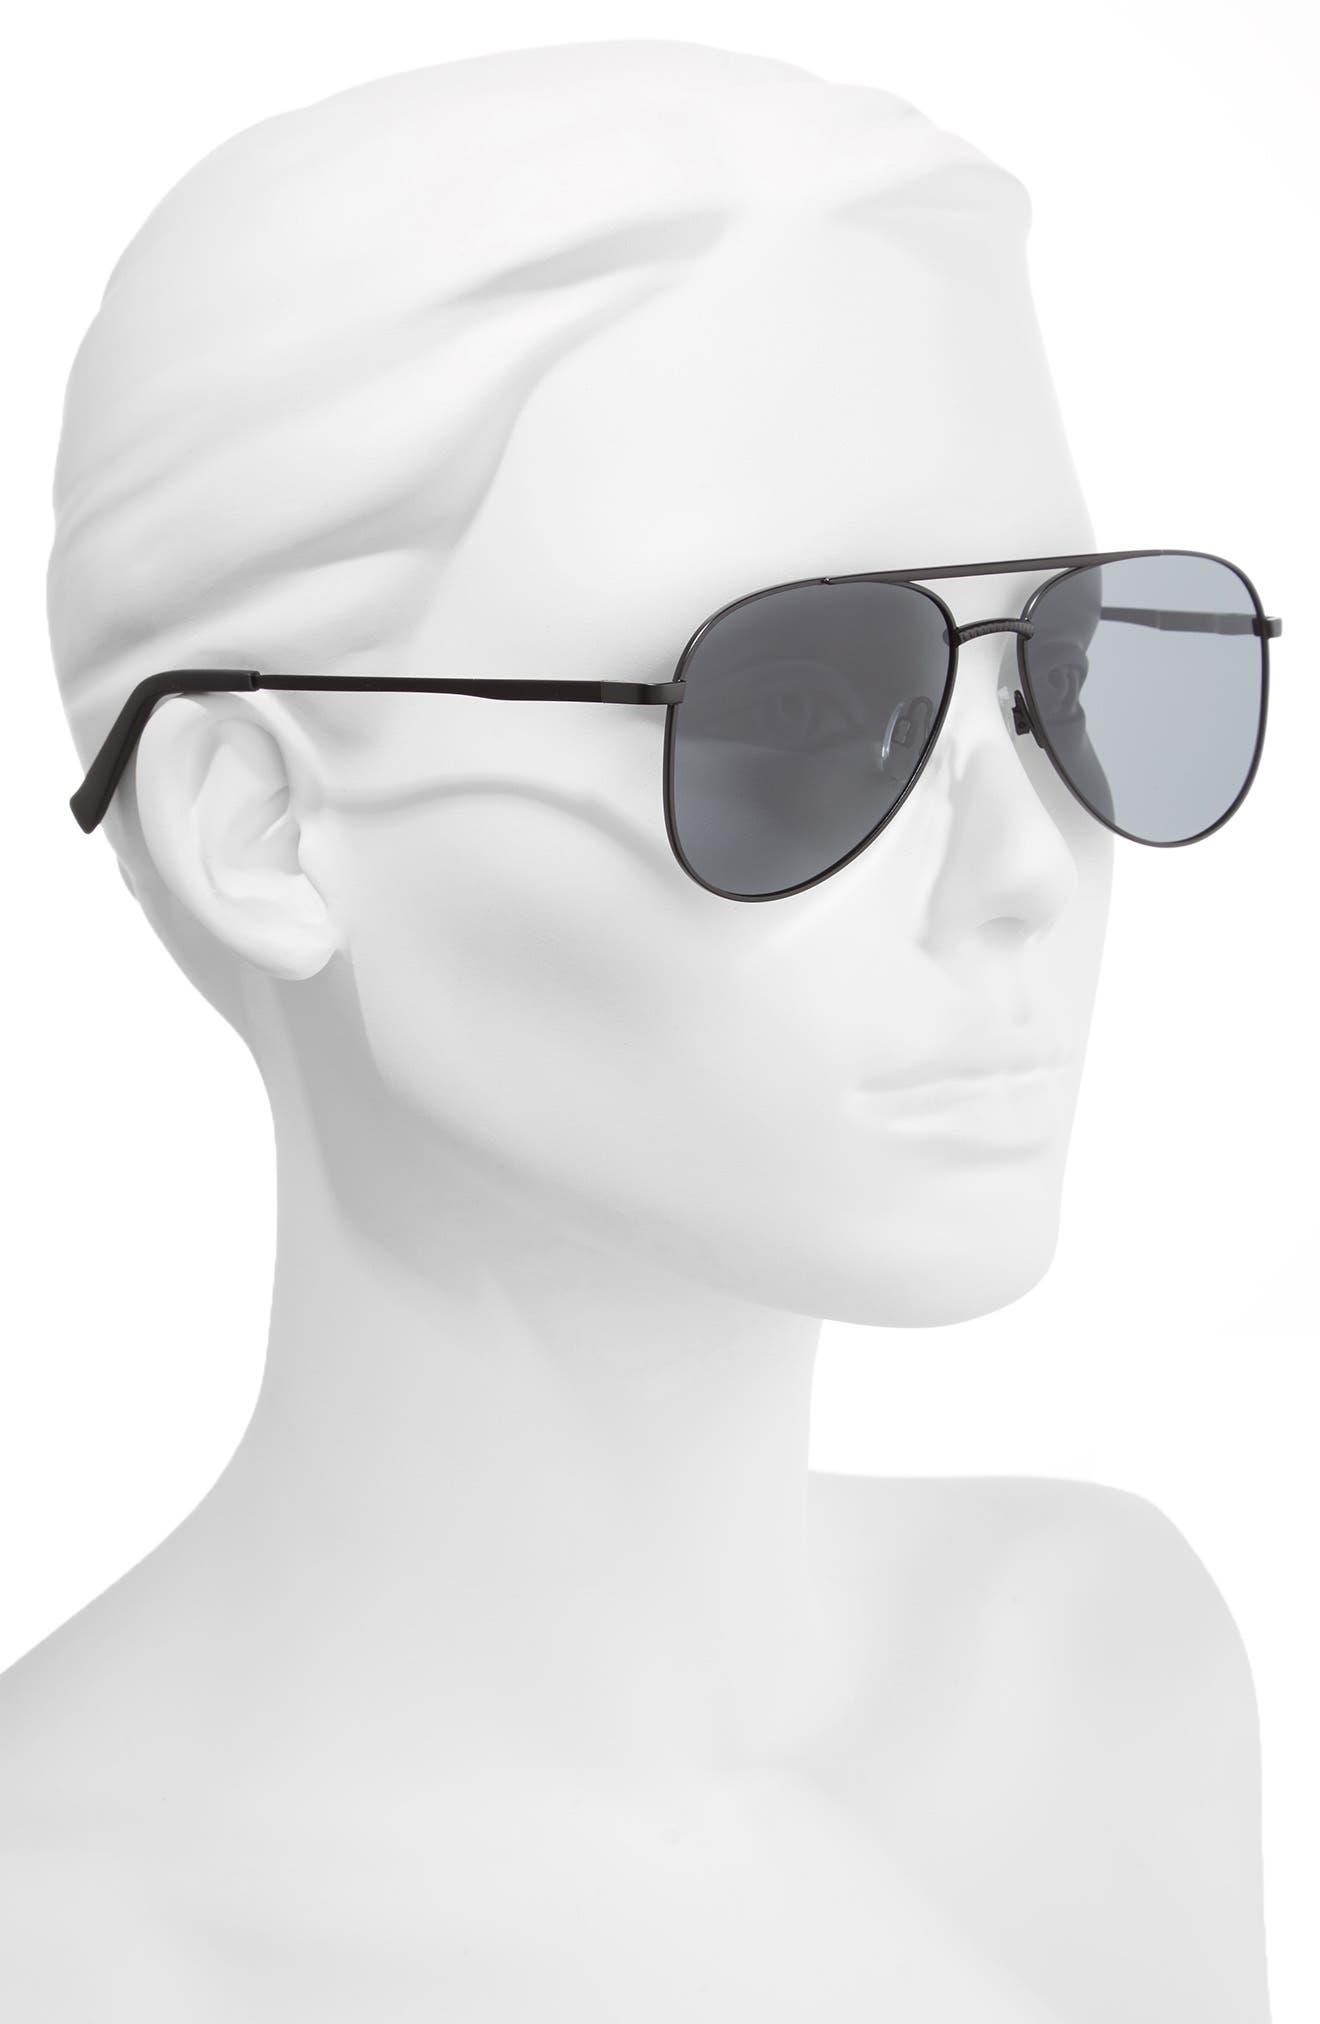 Kingdom 57mm Polarized Aviator Sunglasses,                             Alternate thumbnail 2, color,                             Matte Black